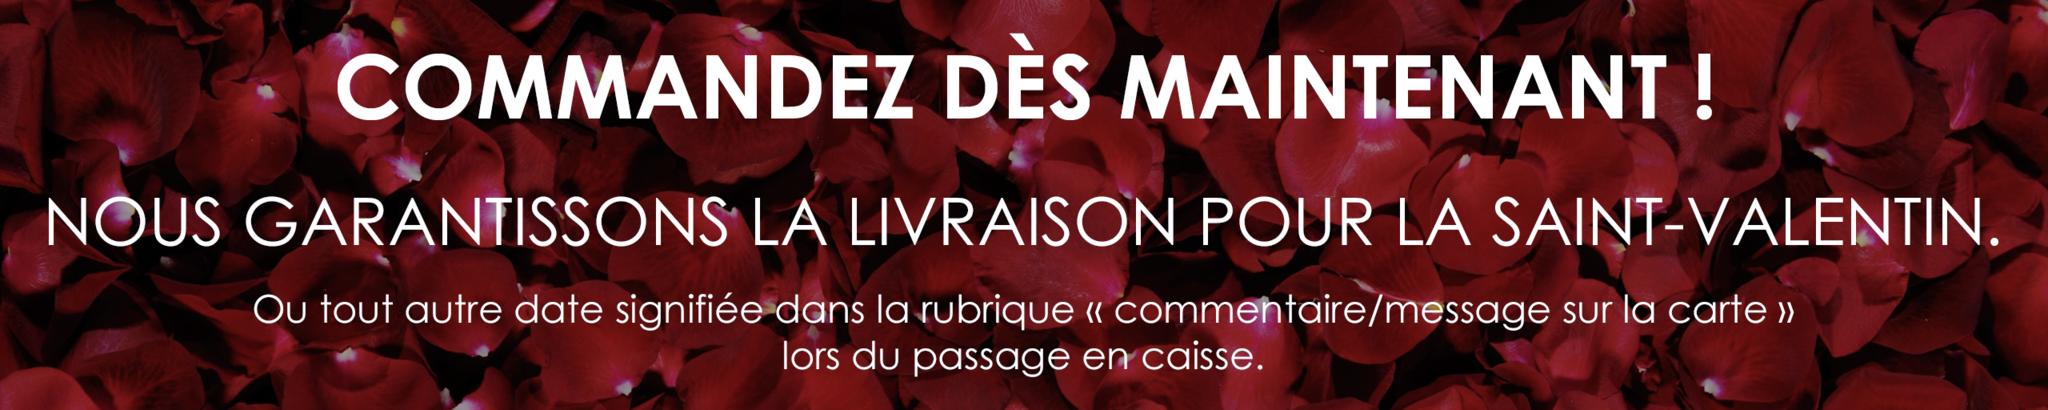 Combien De Rose Pour La St Valentin le nombre de roses pour la saint-valentin : un message